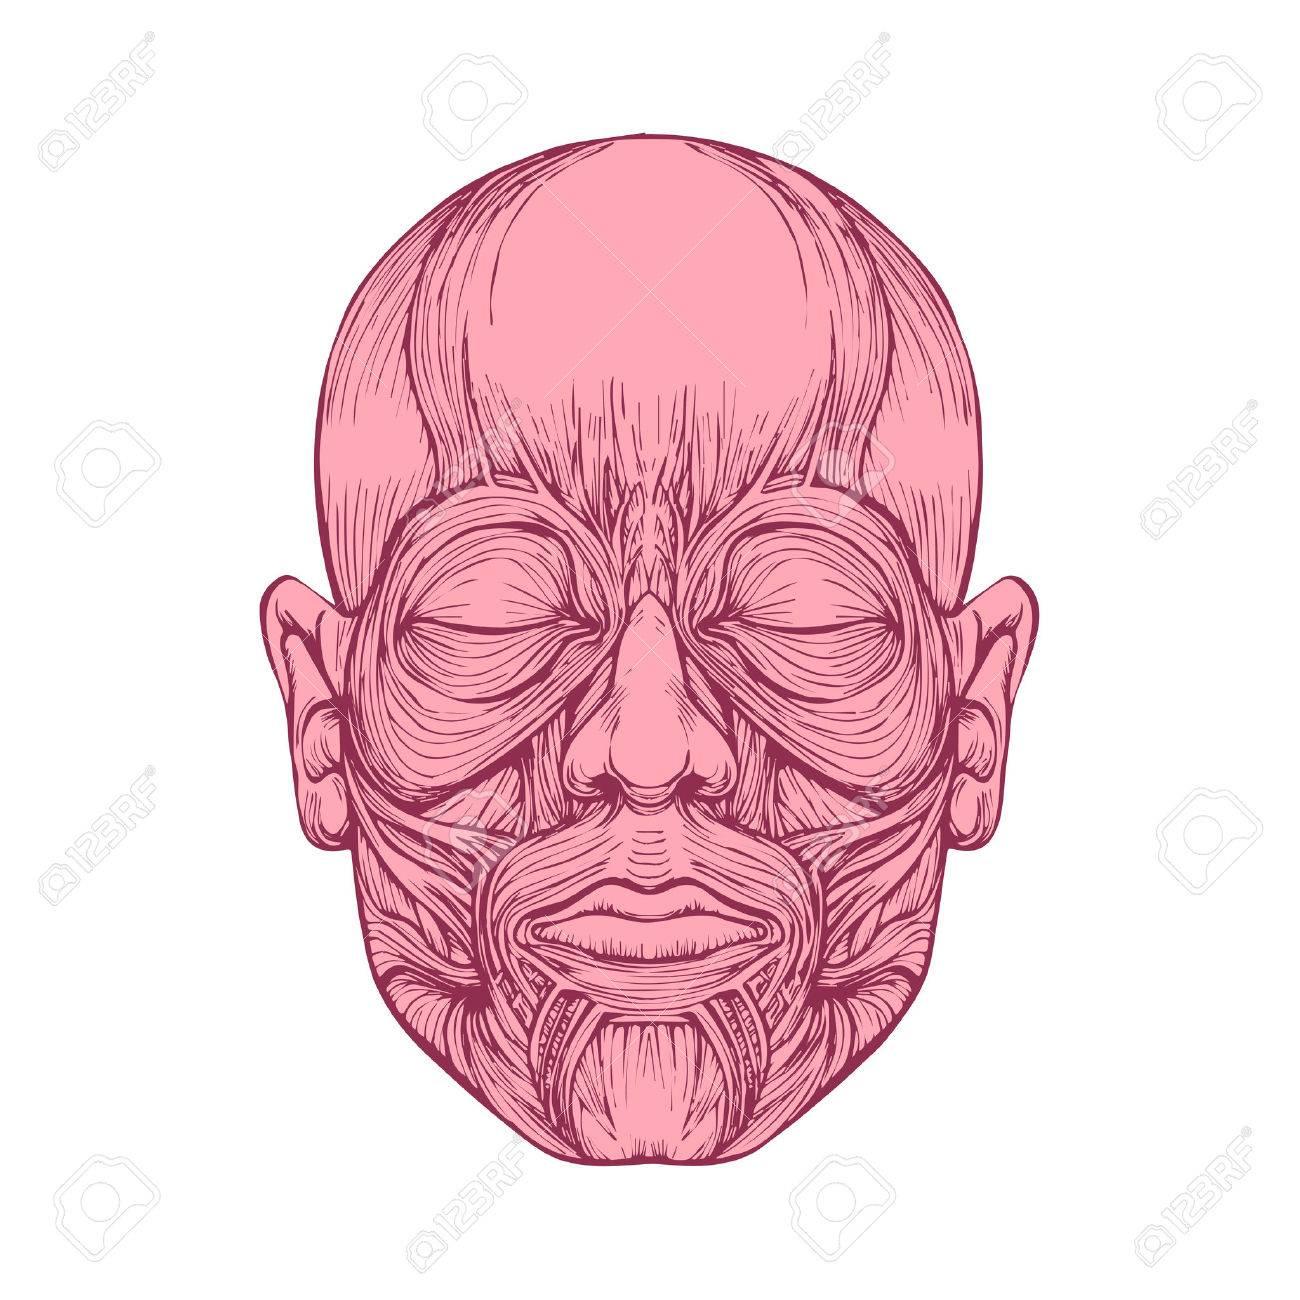 Músculos De La Cara, La Anatomía De La Cabeza Humana, Ilustración ...